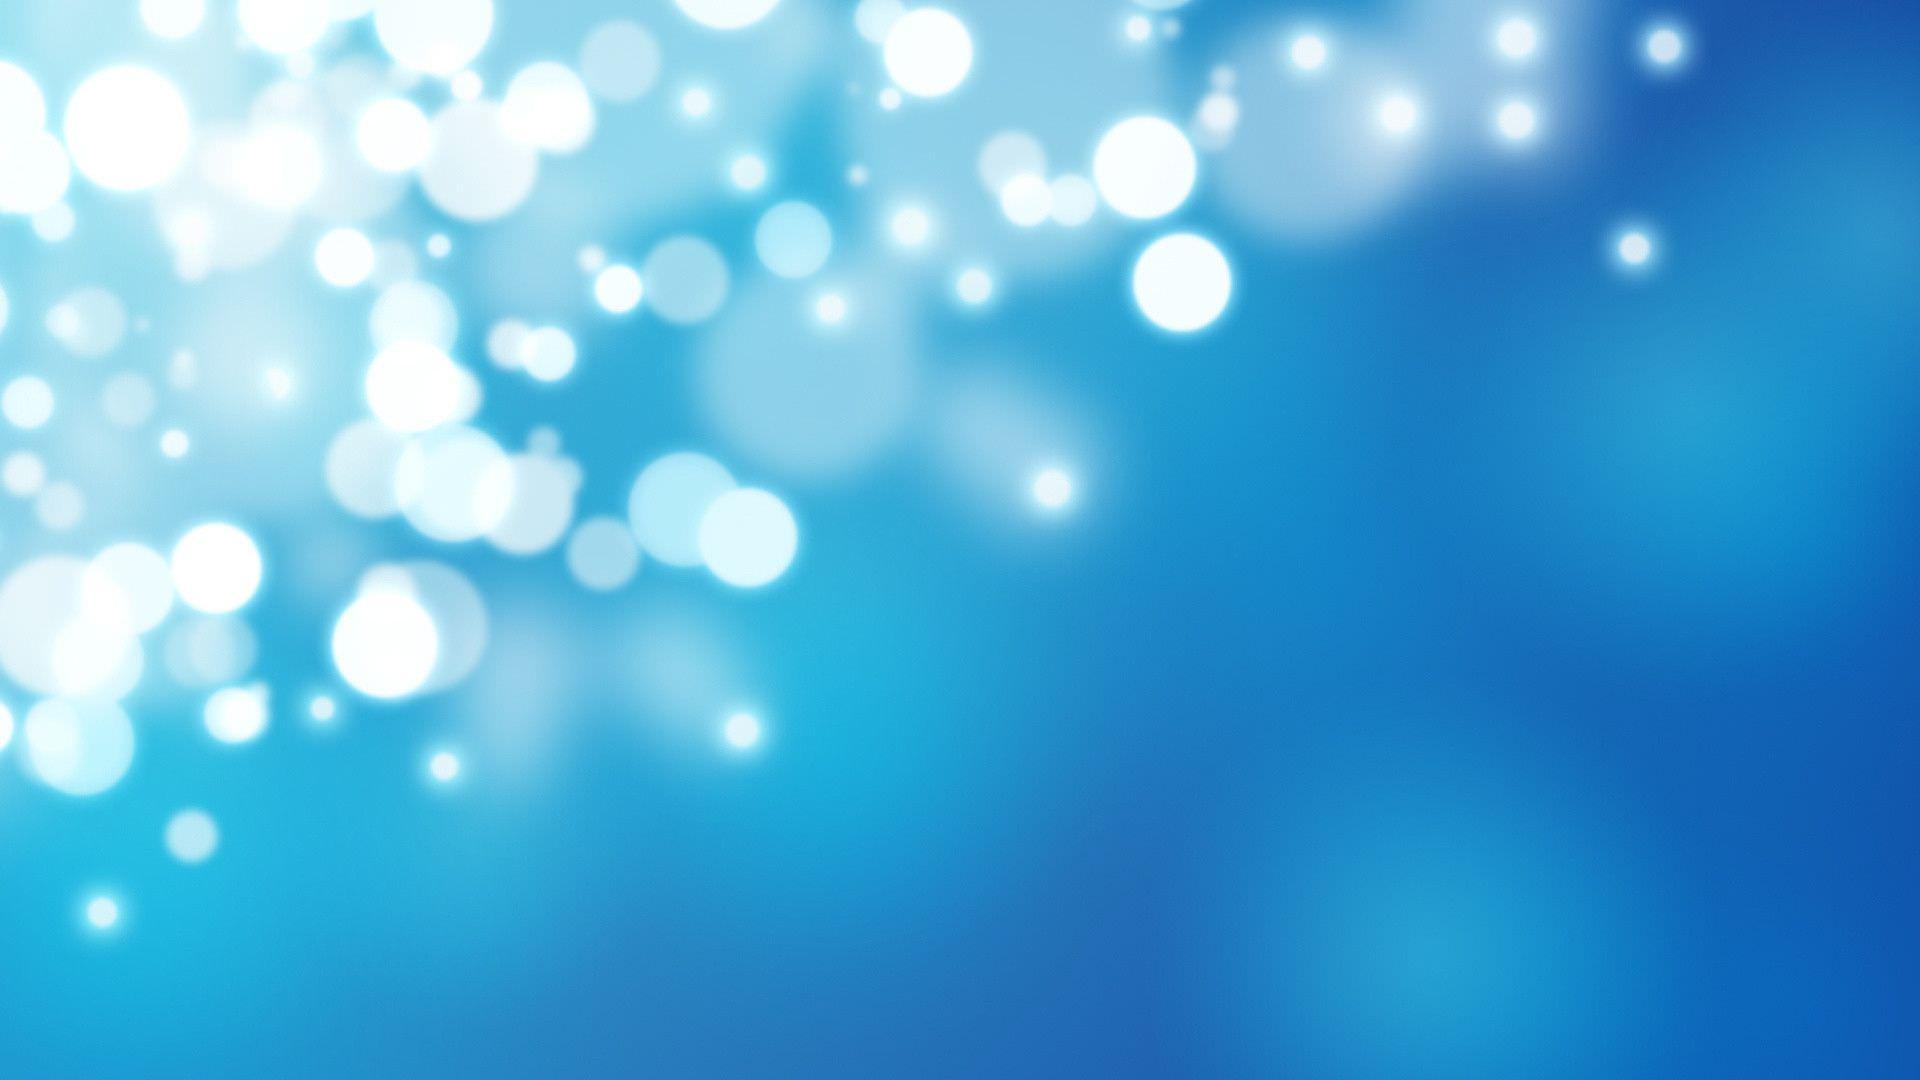 Hình nền xanh dương đẹp